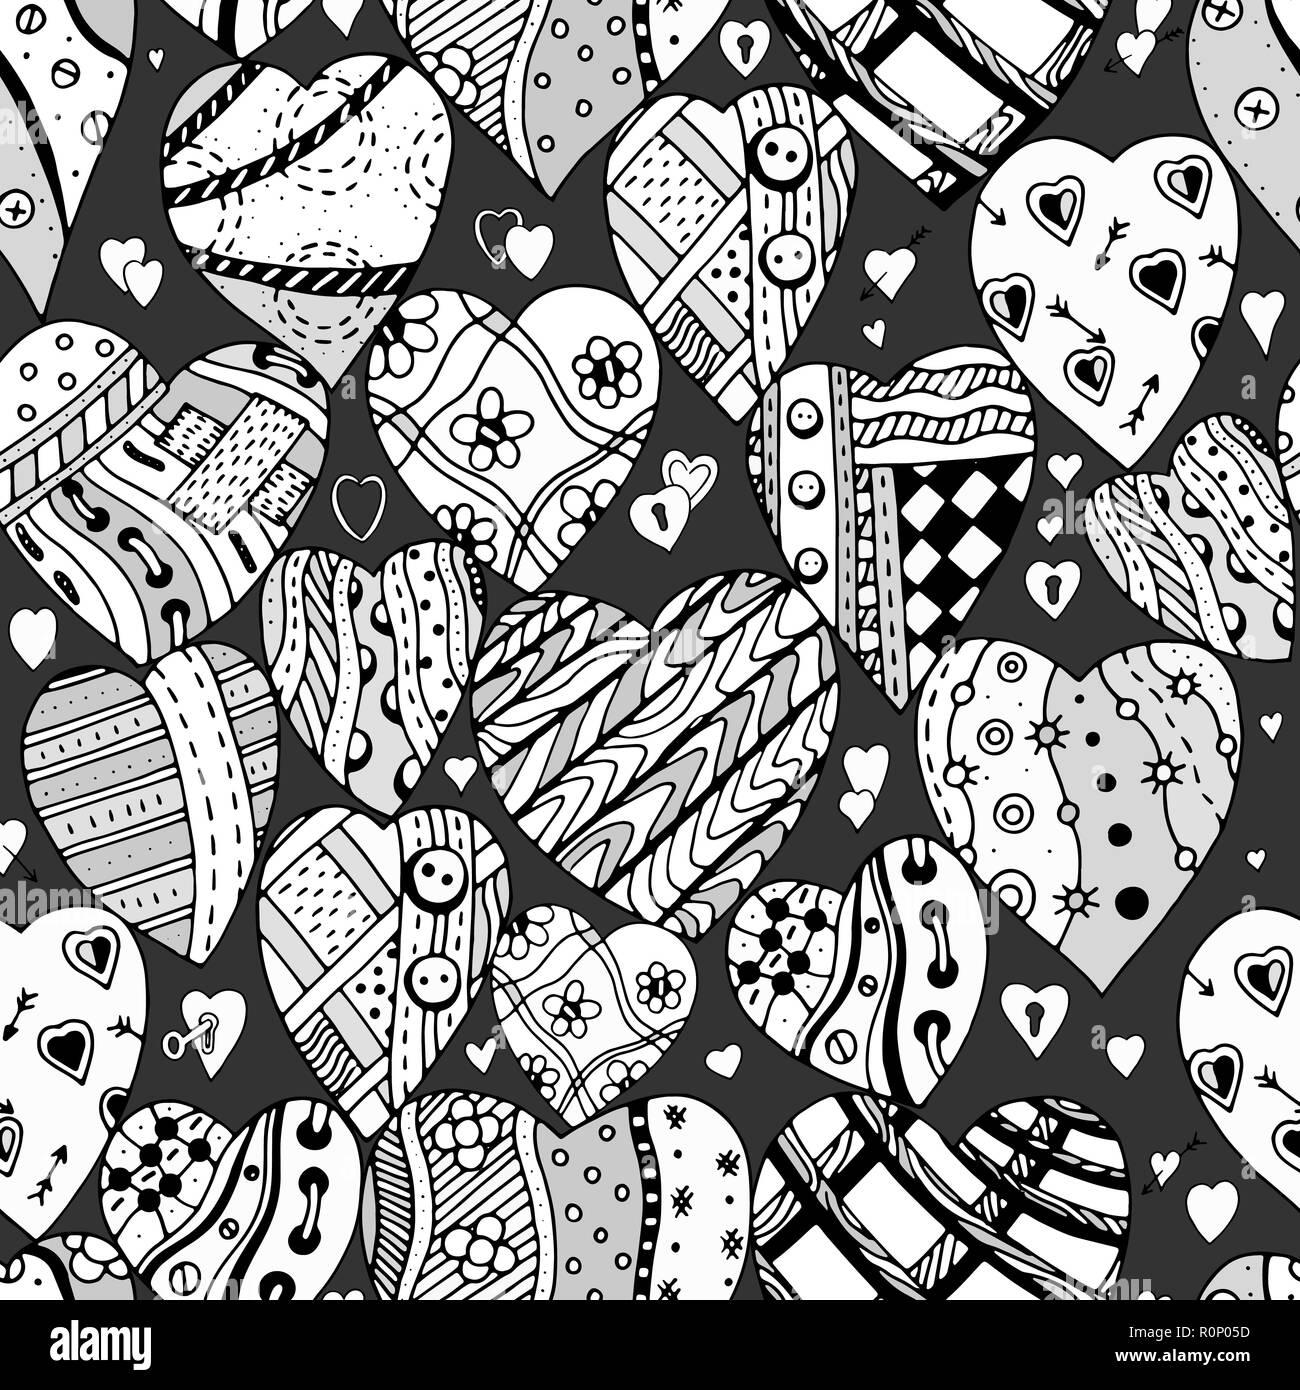 Disegnato A Mano Cuore Ornamentali Con Amore In Doodle Bei Modelli